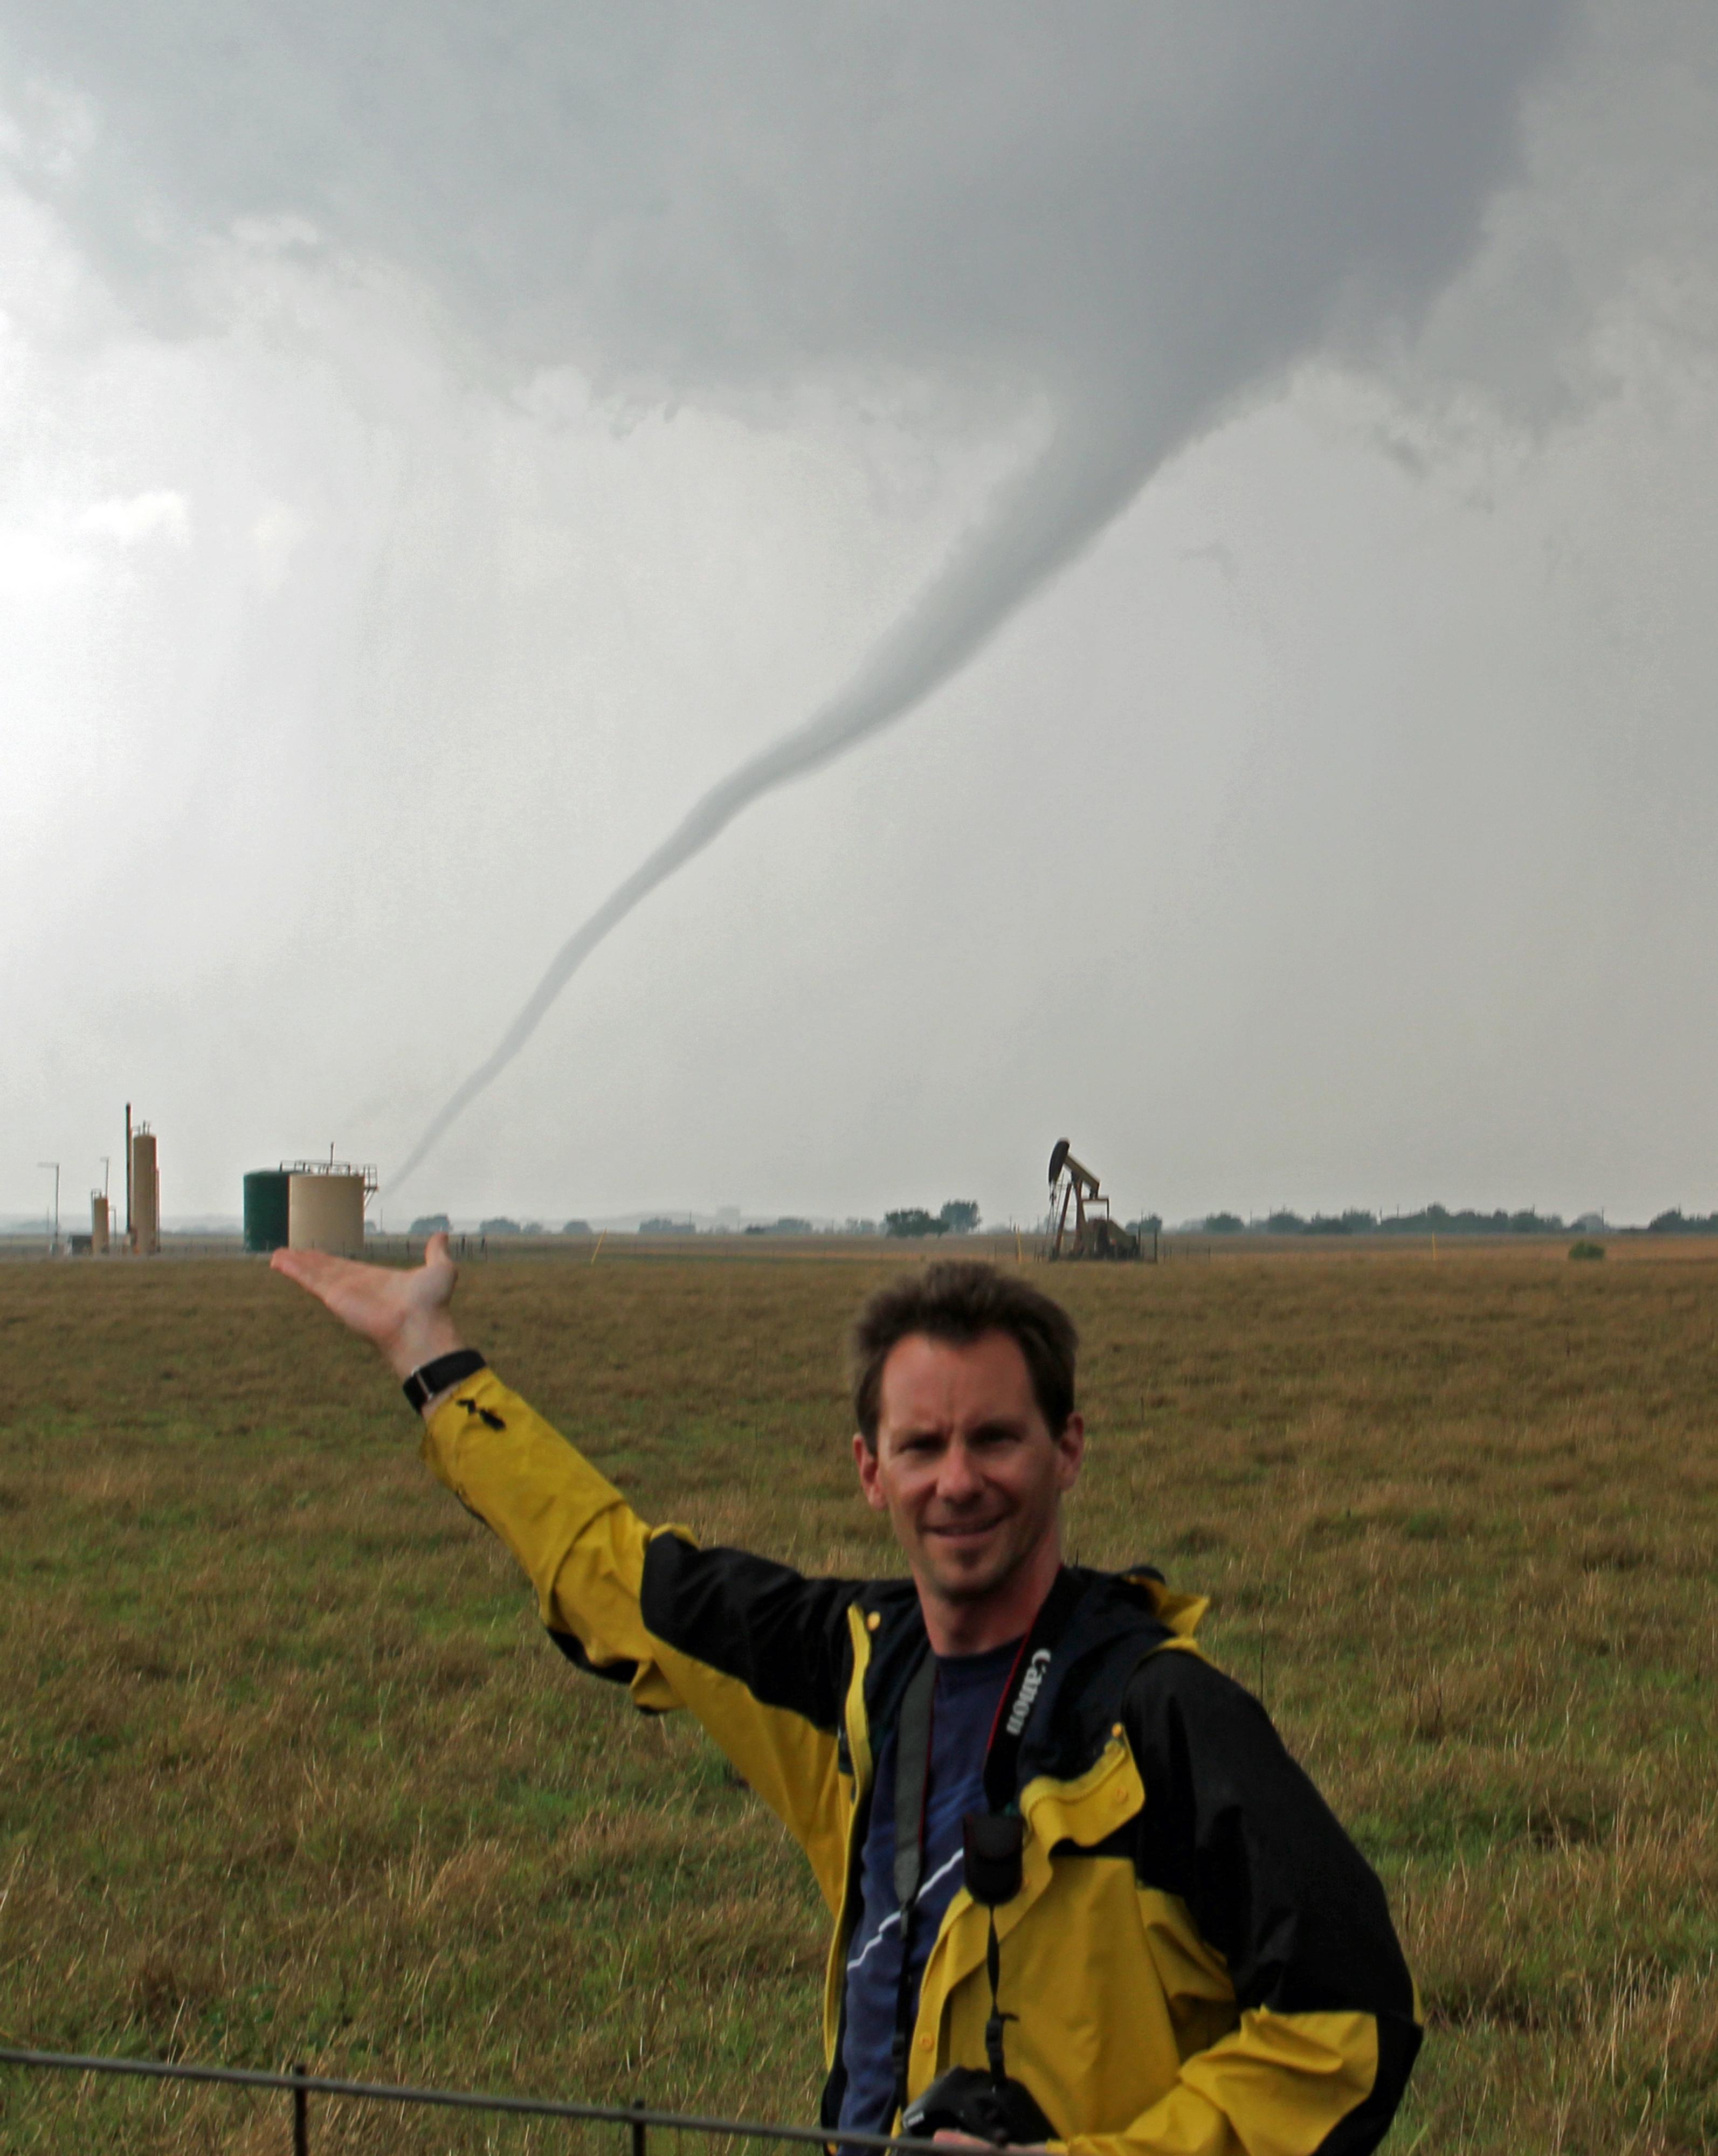 George K Tornado image.